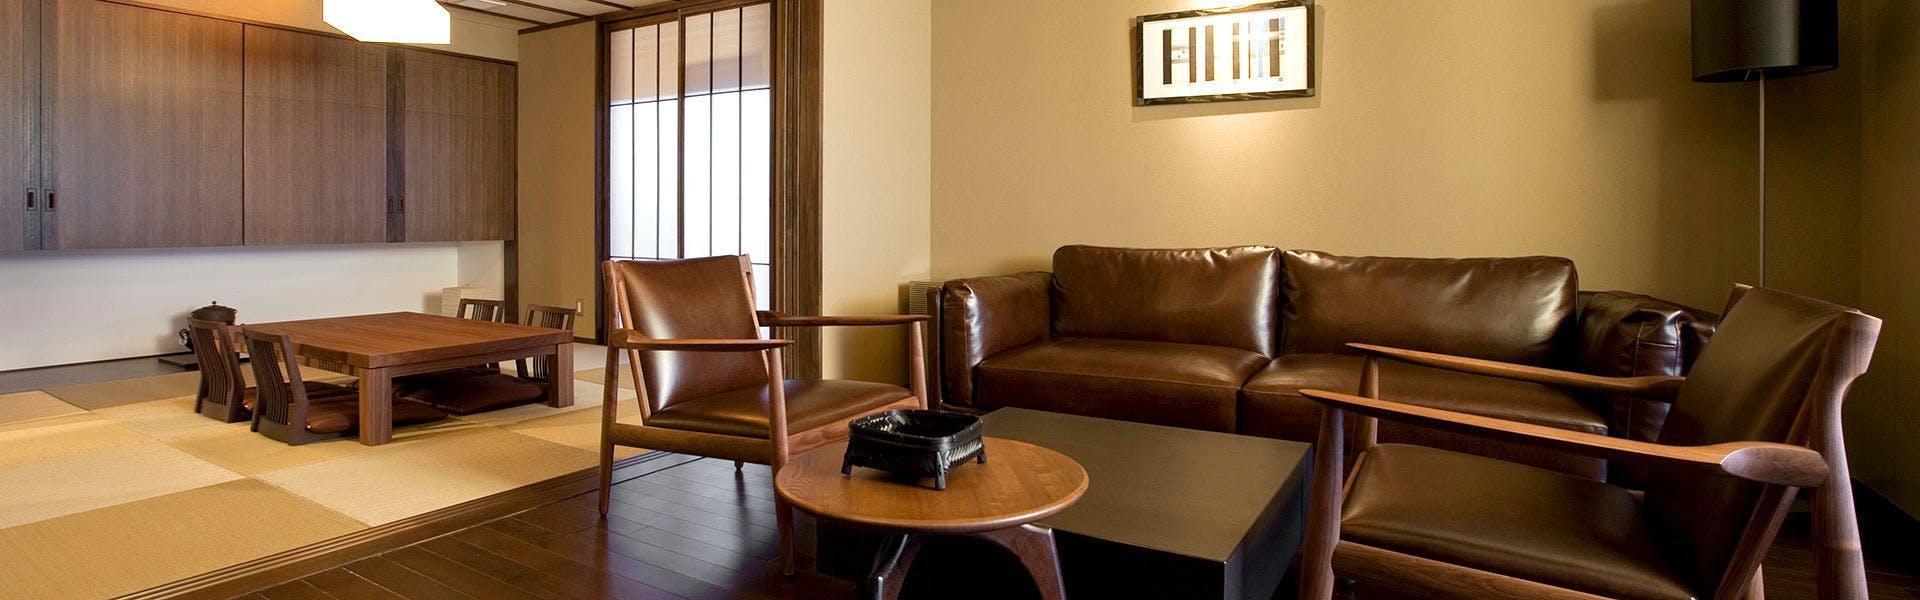 記念日におすすめのホテル・AMANE RESORT GAHAMA(ガハマテラス)の写真2